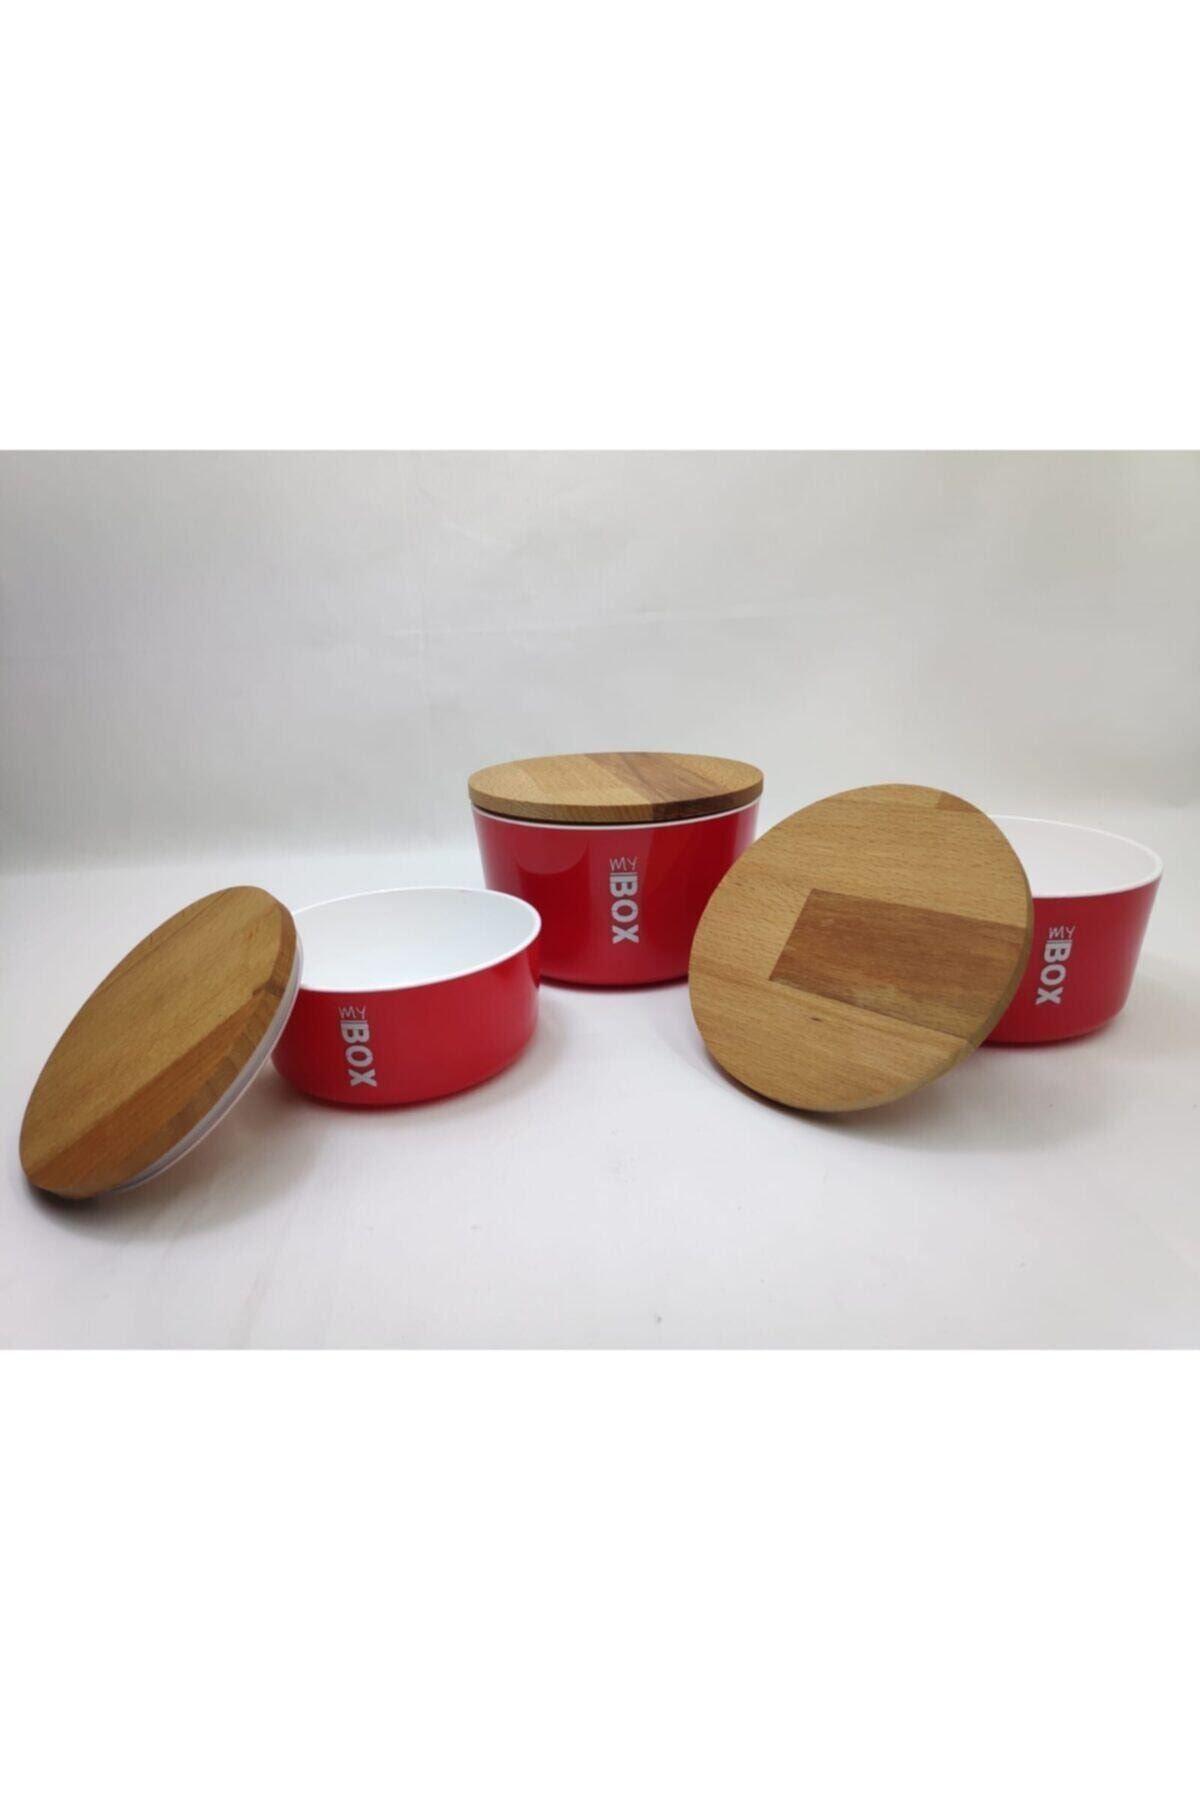 My Box Kırmızı Mika Saklama Kabı 3'lü (bambu Kapaklı)